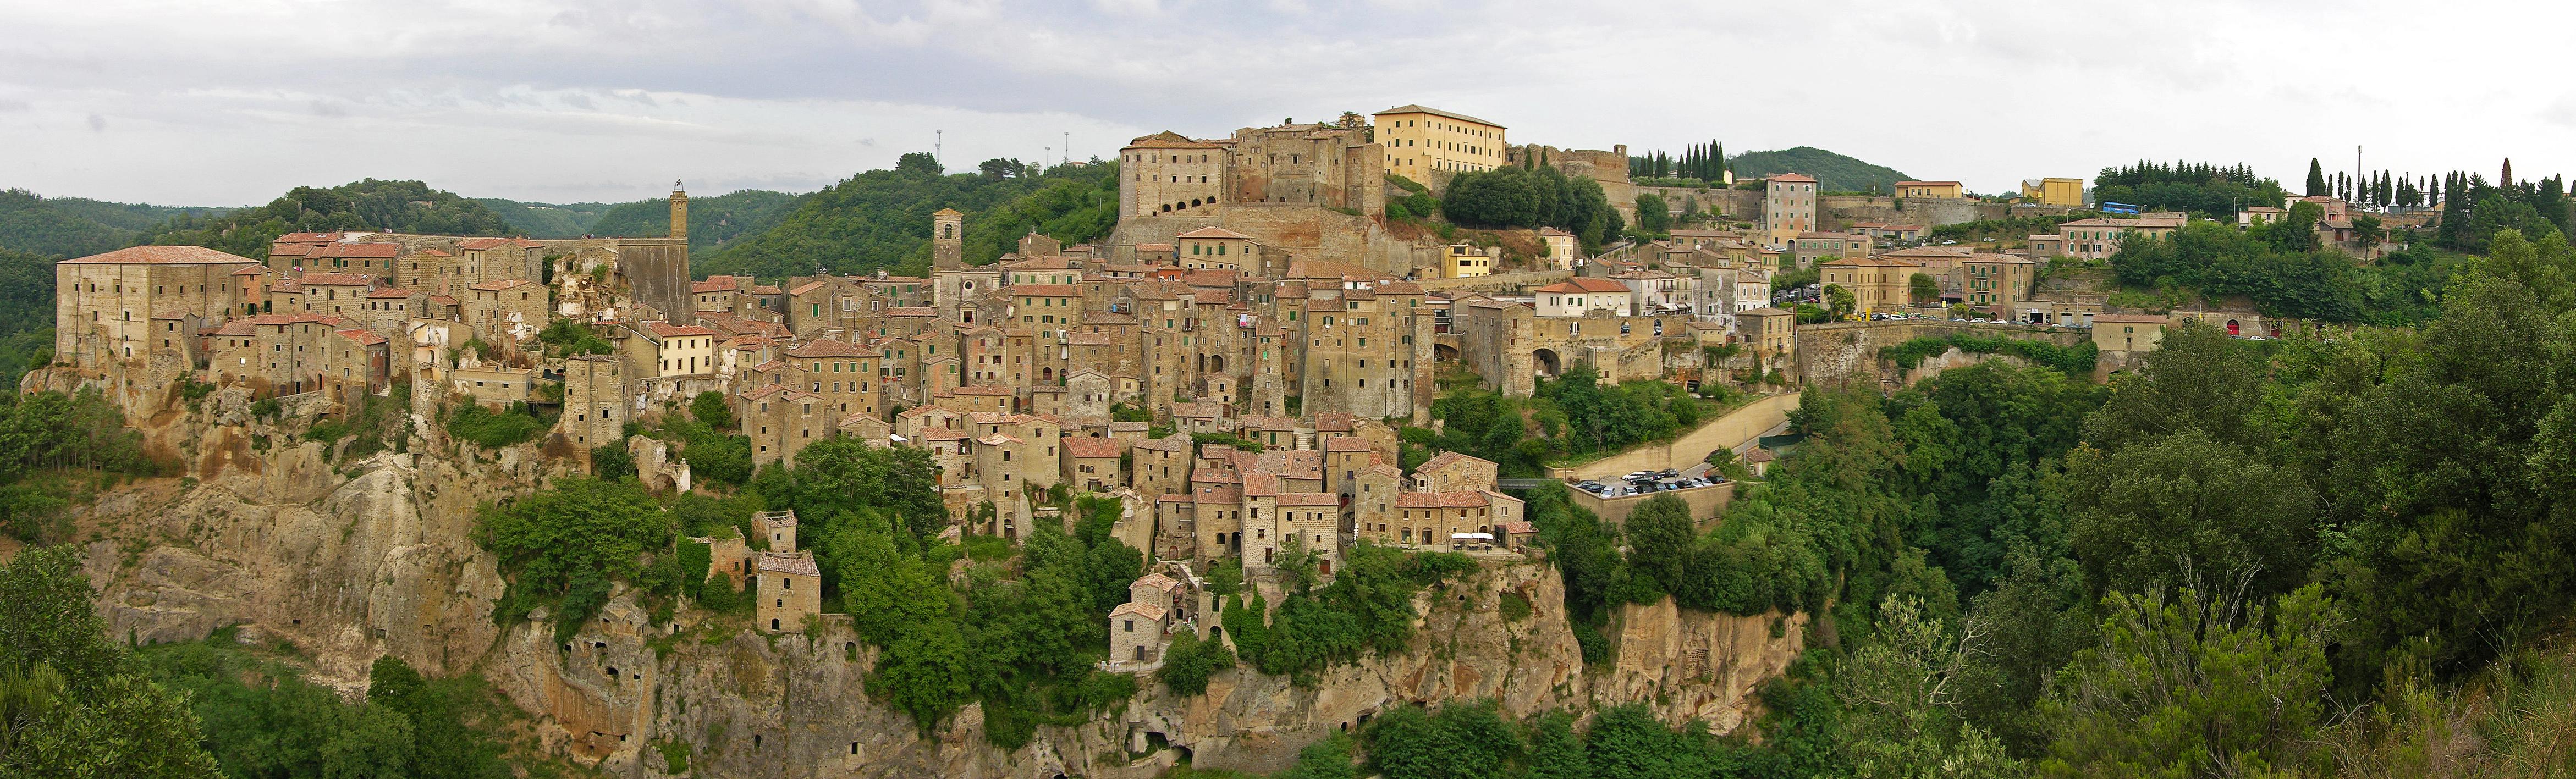 Sorano, vista panoramica dell'antico borgo